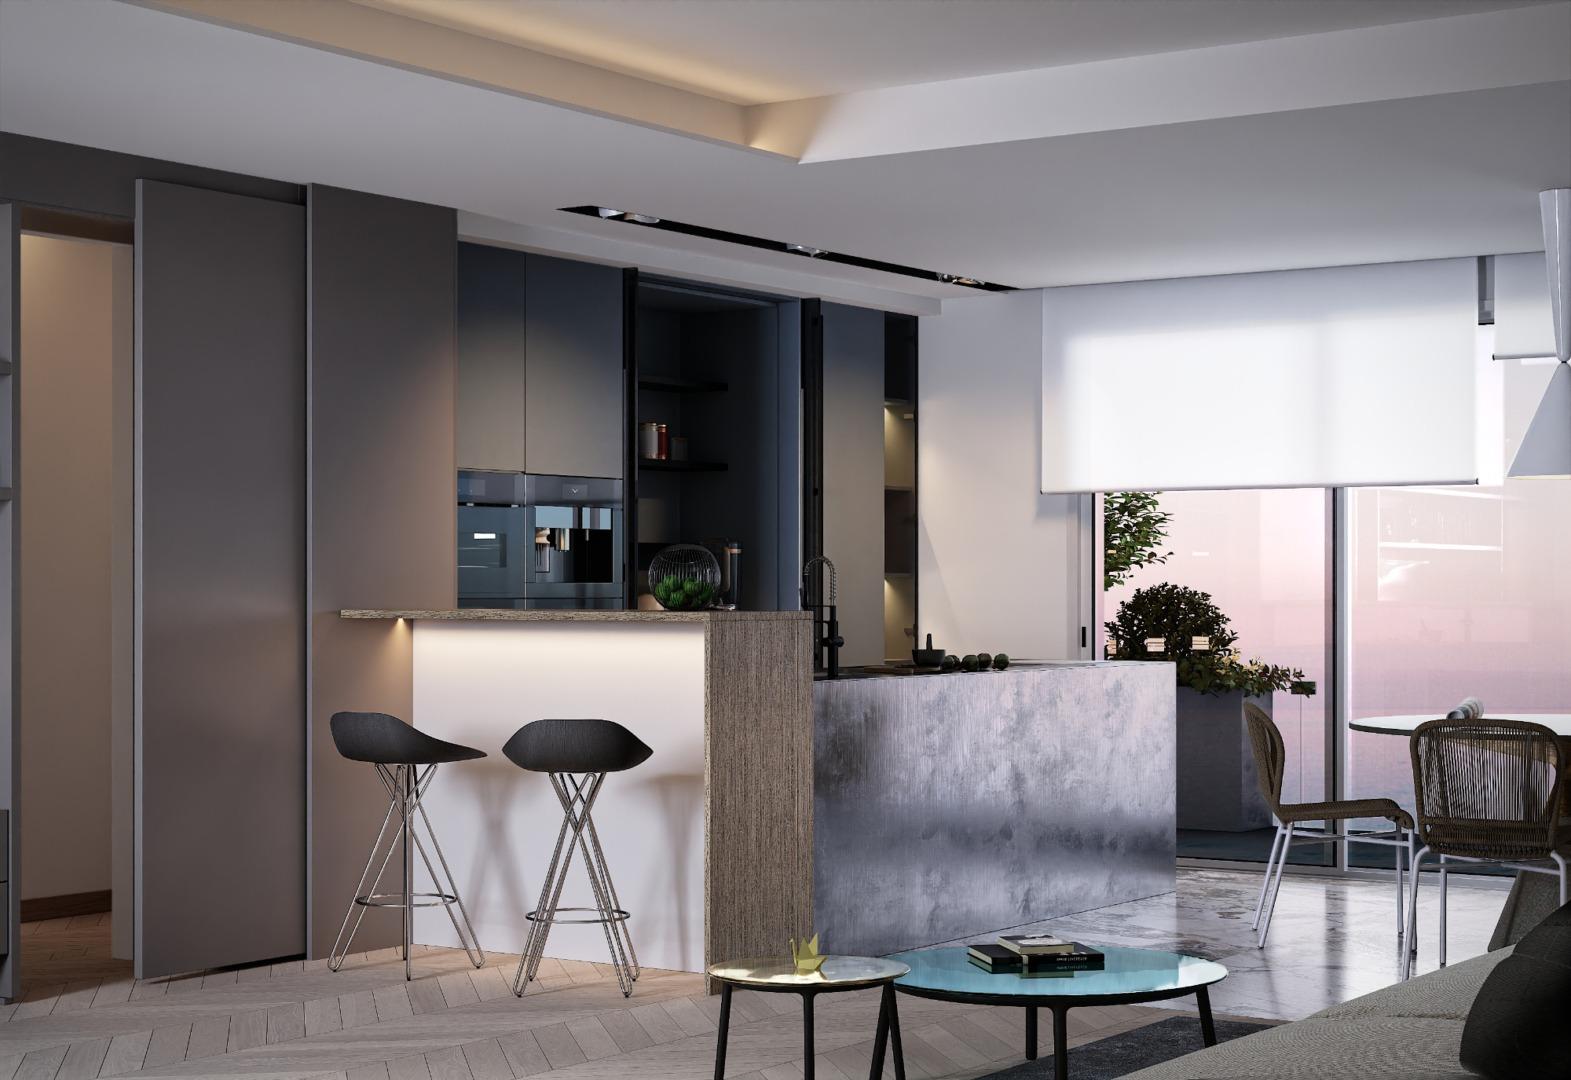 02-cam_kitchen-details